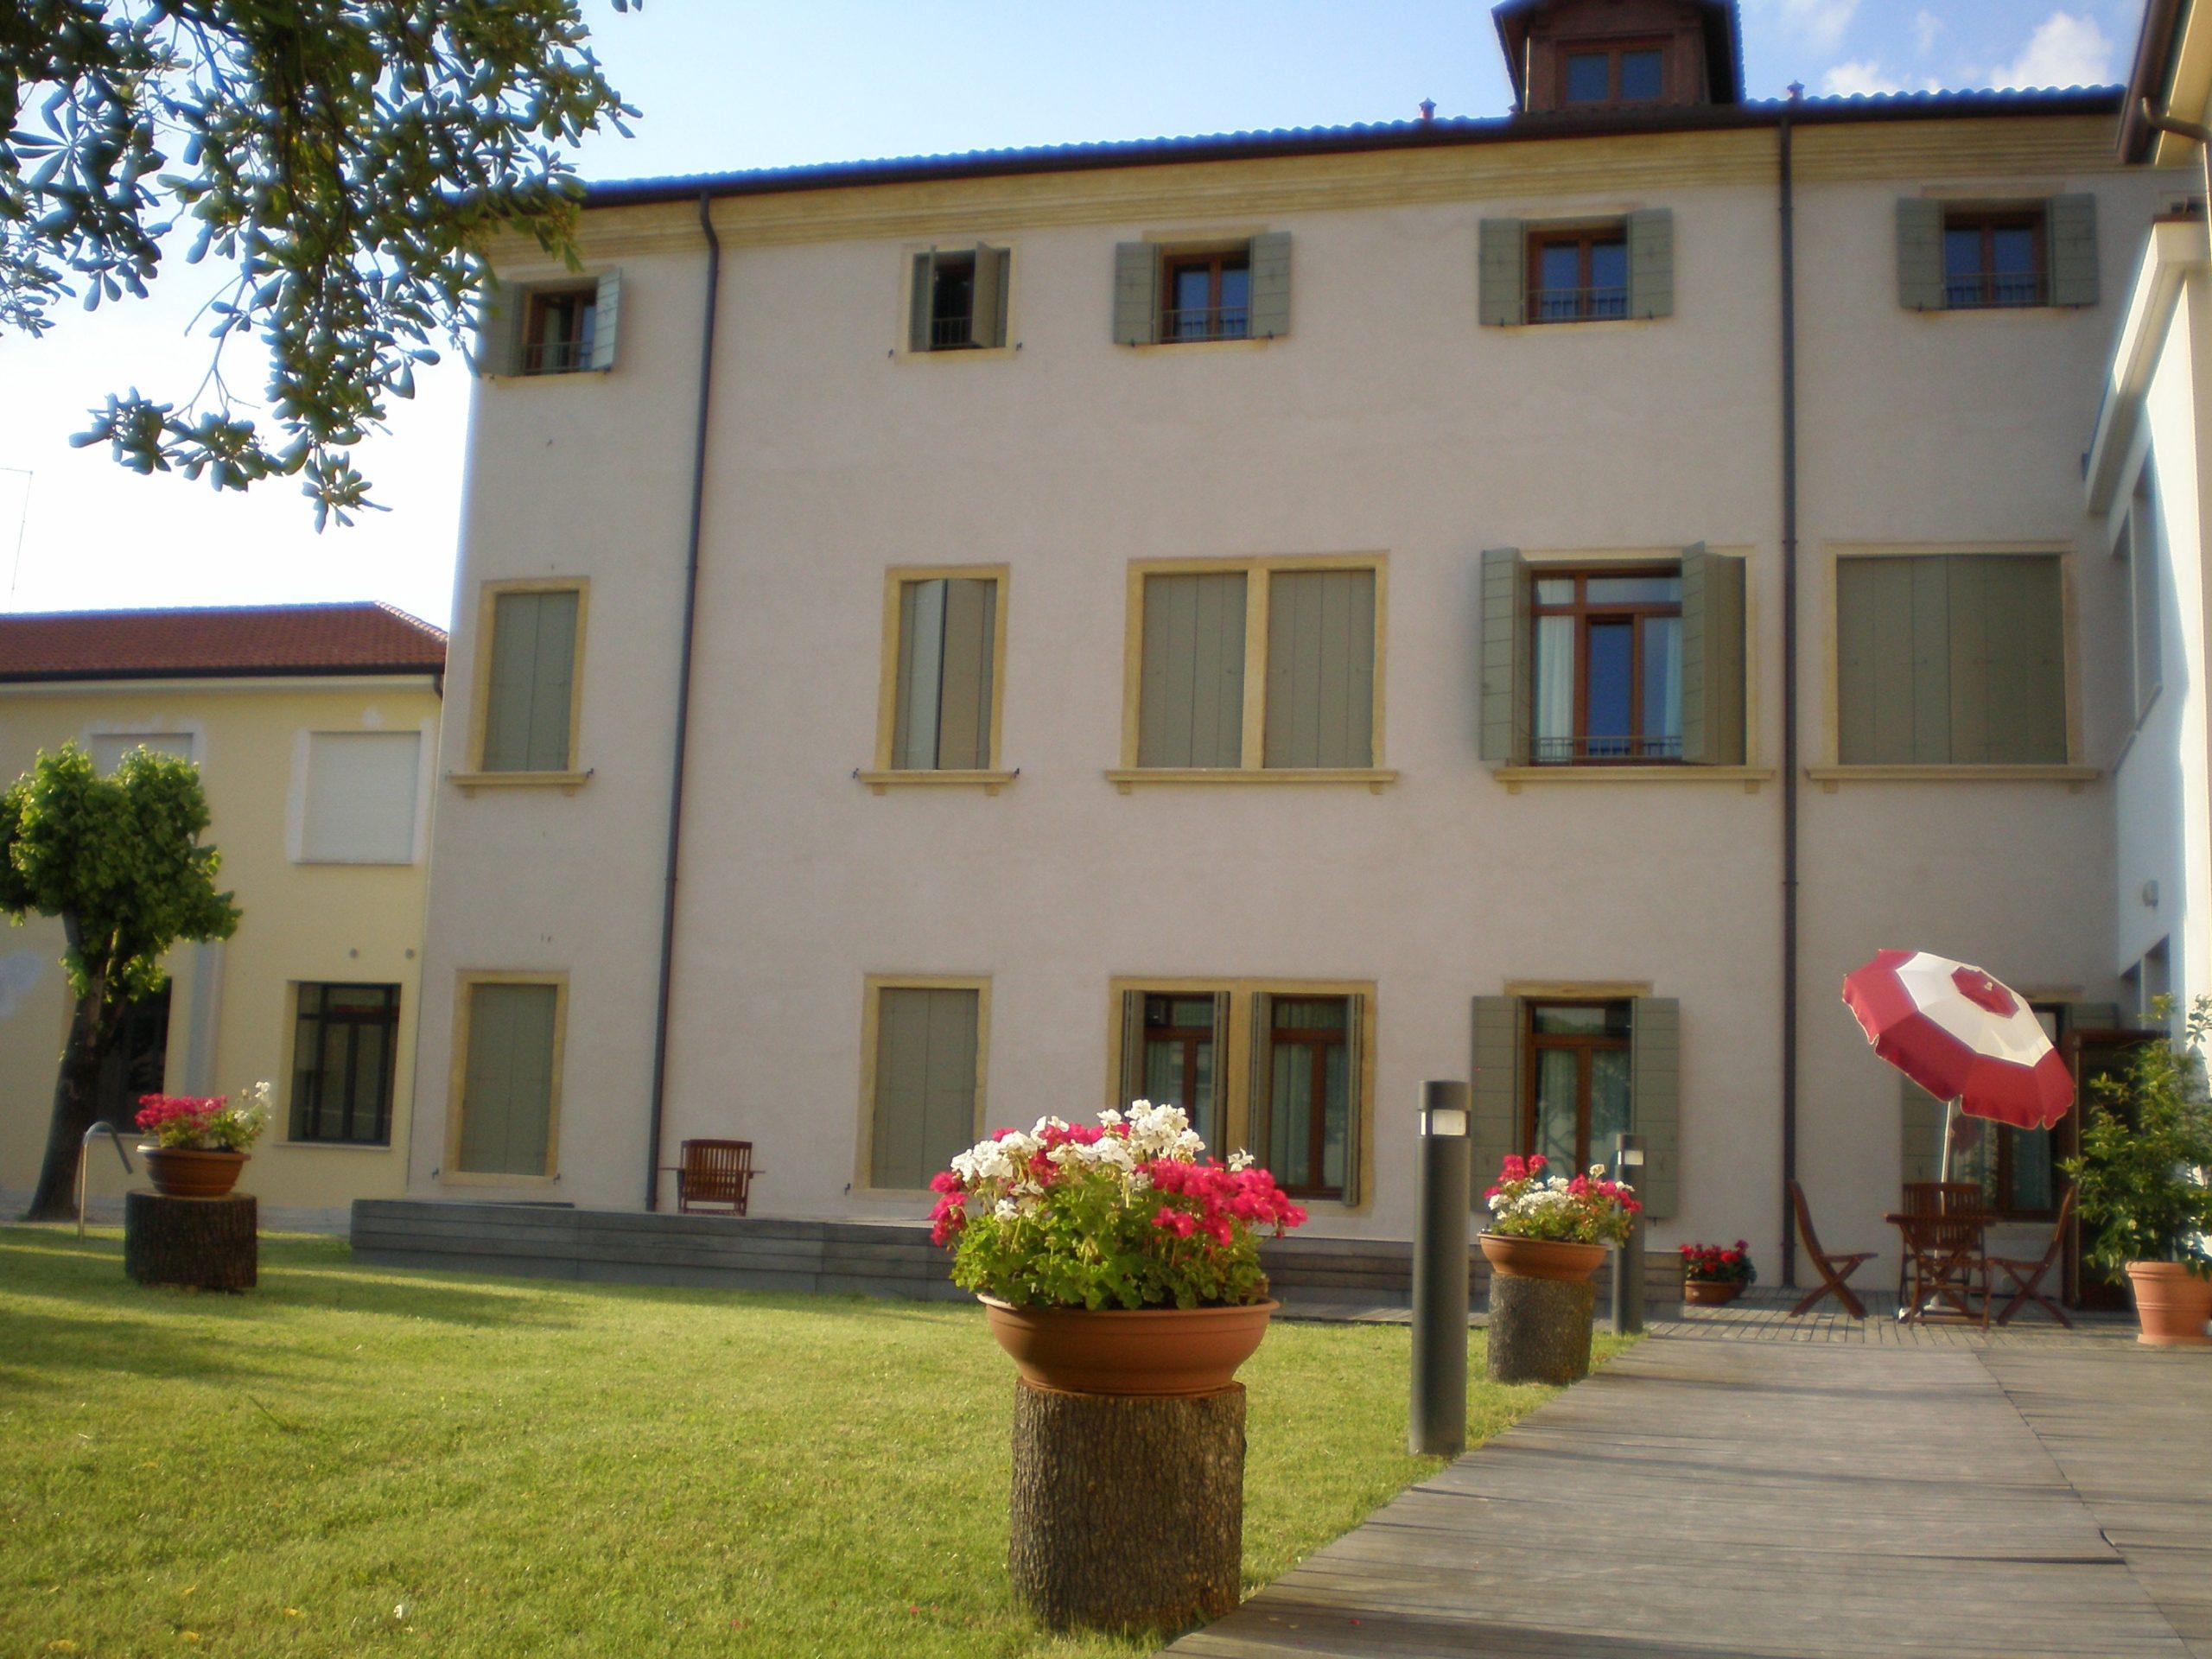 Foto esterni Casa Vanzo a Città Giardino PADOVA